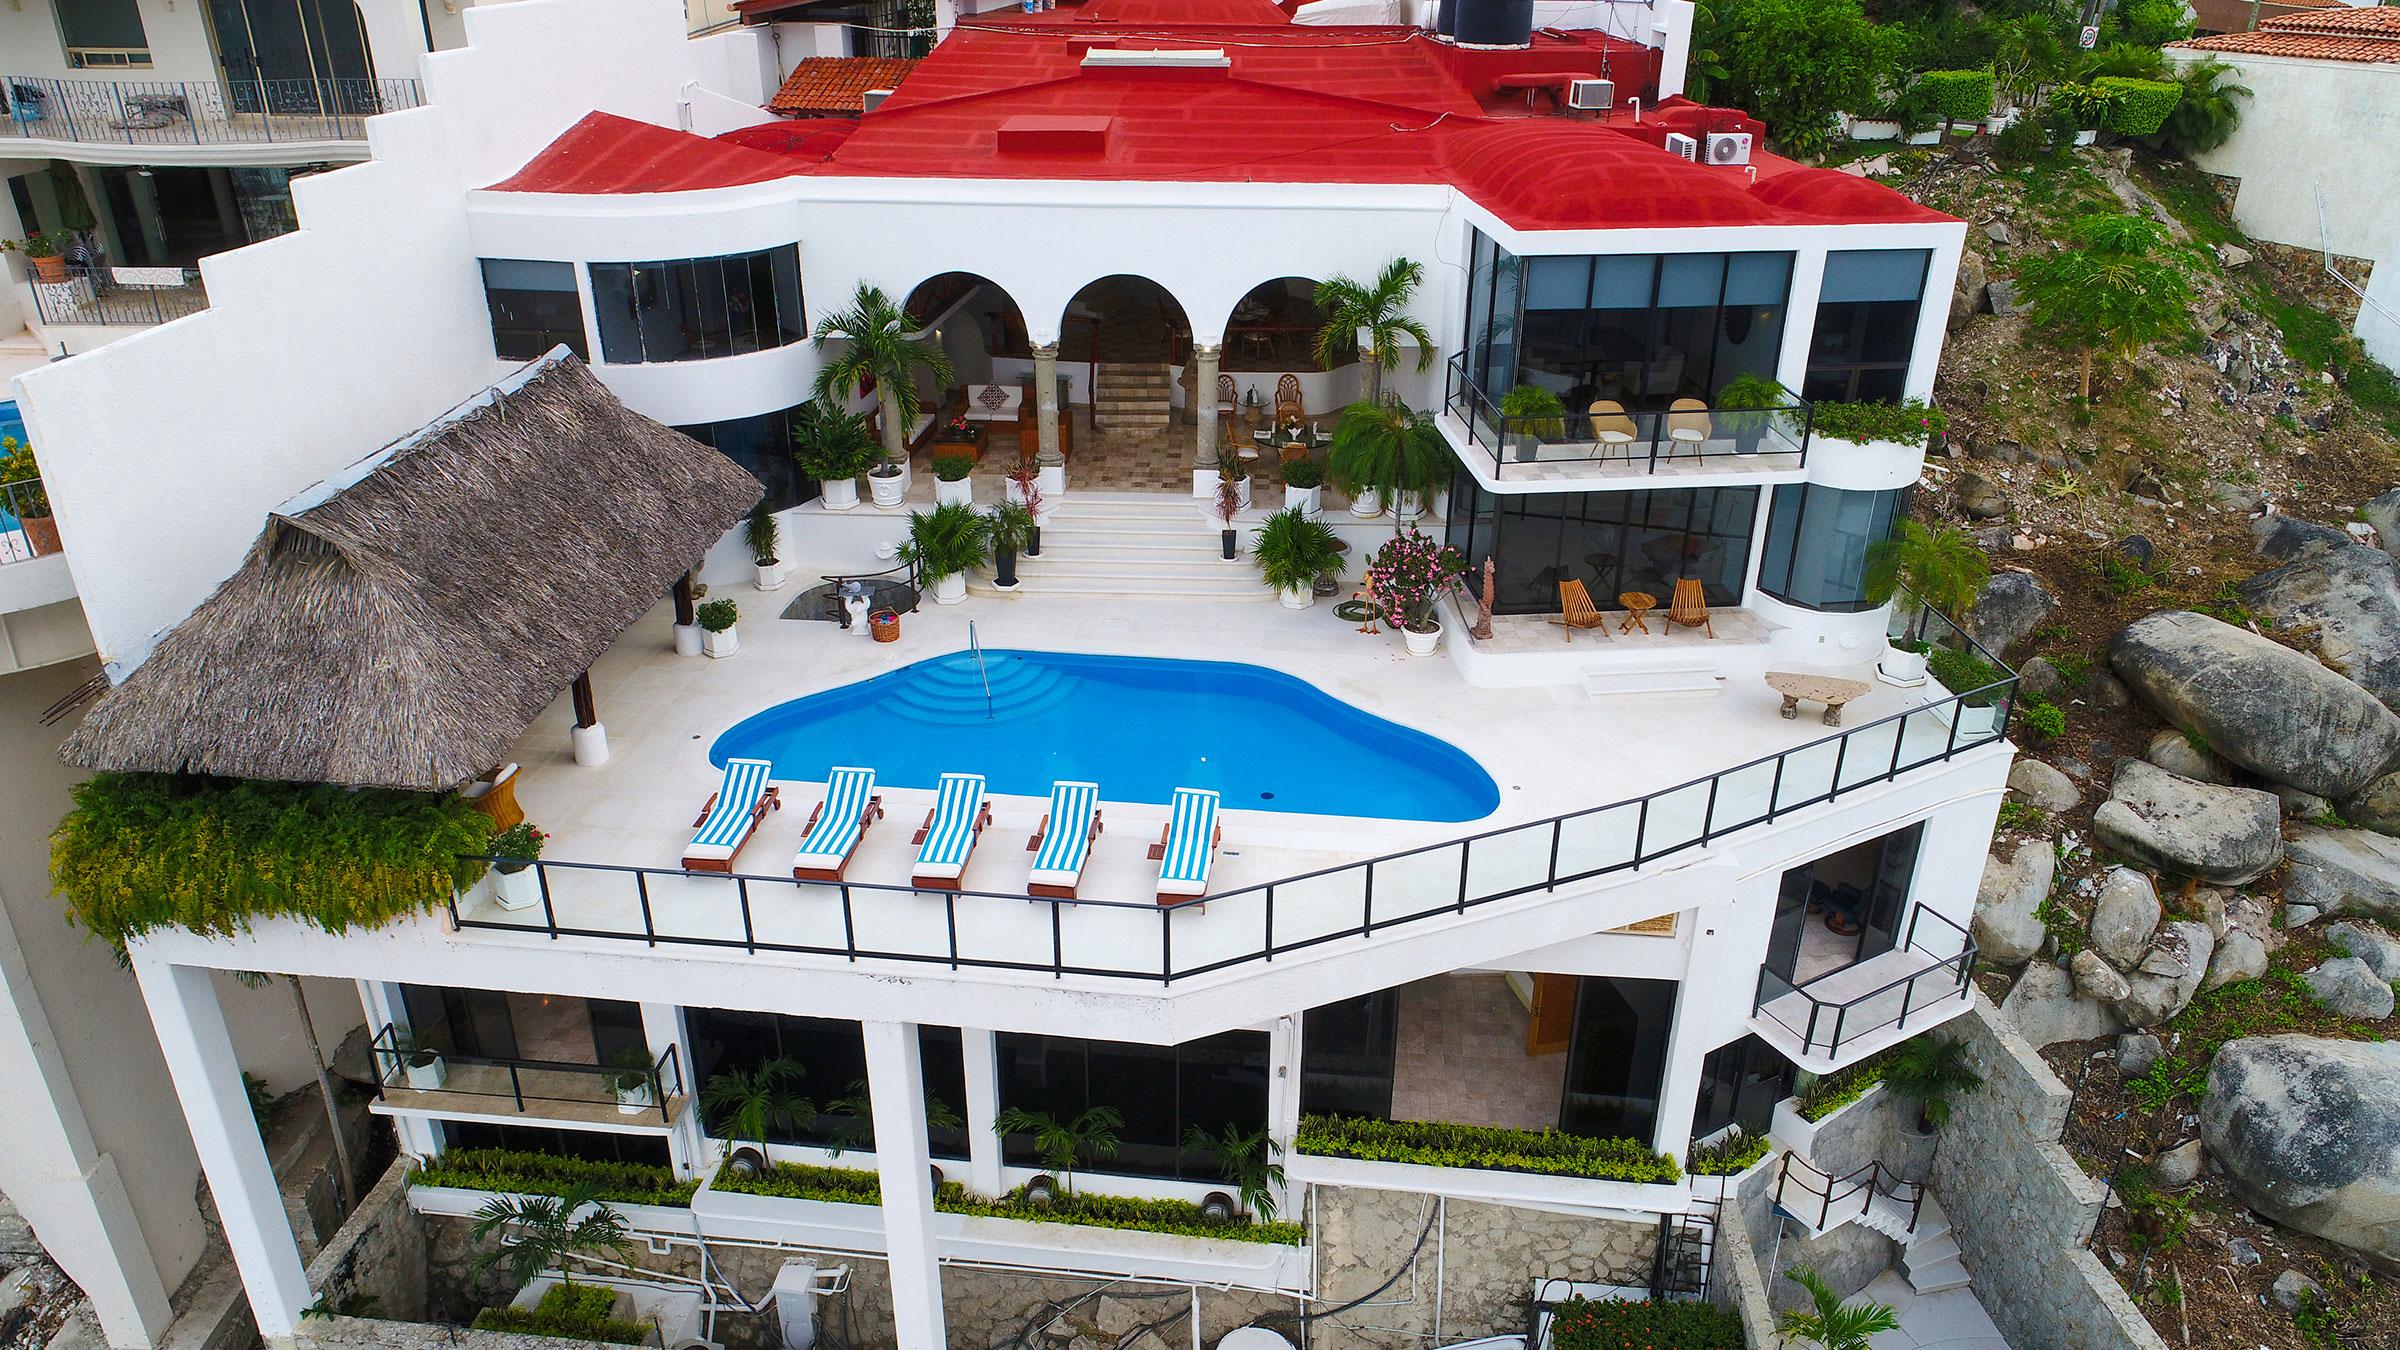 Exterior day at Casa Buenos Aires, Acapulco